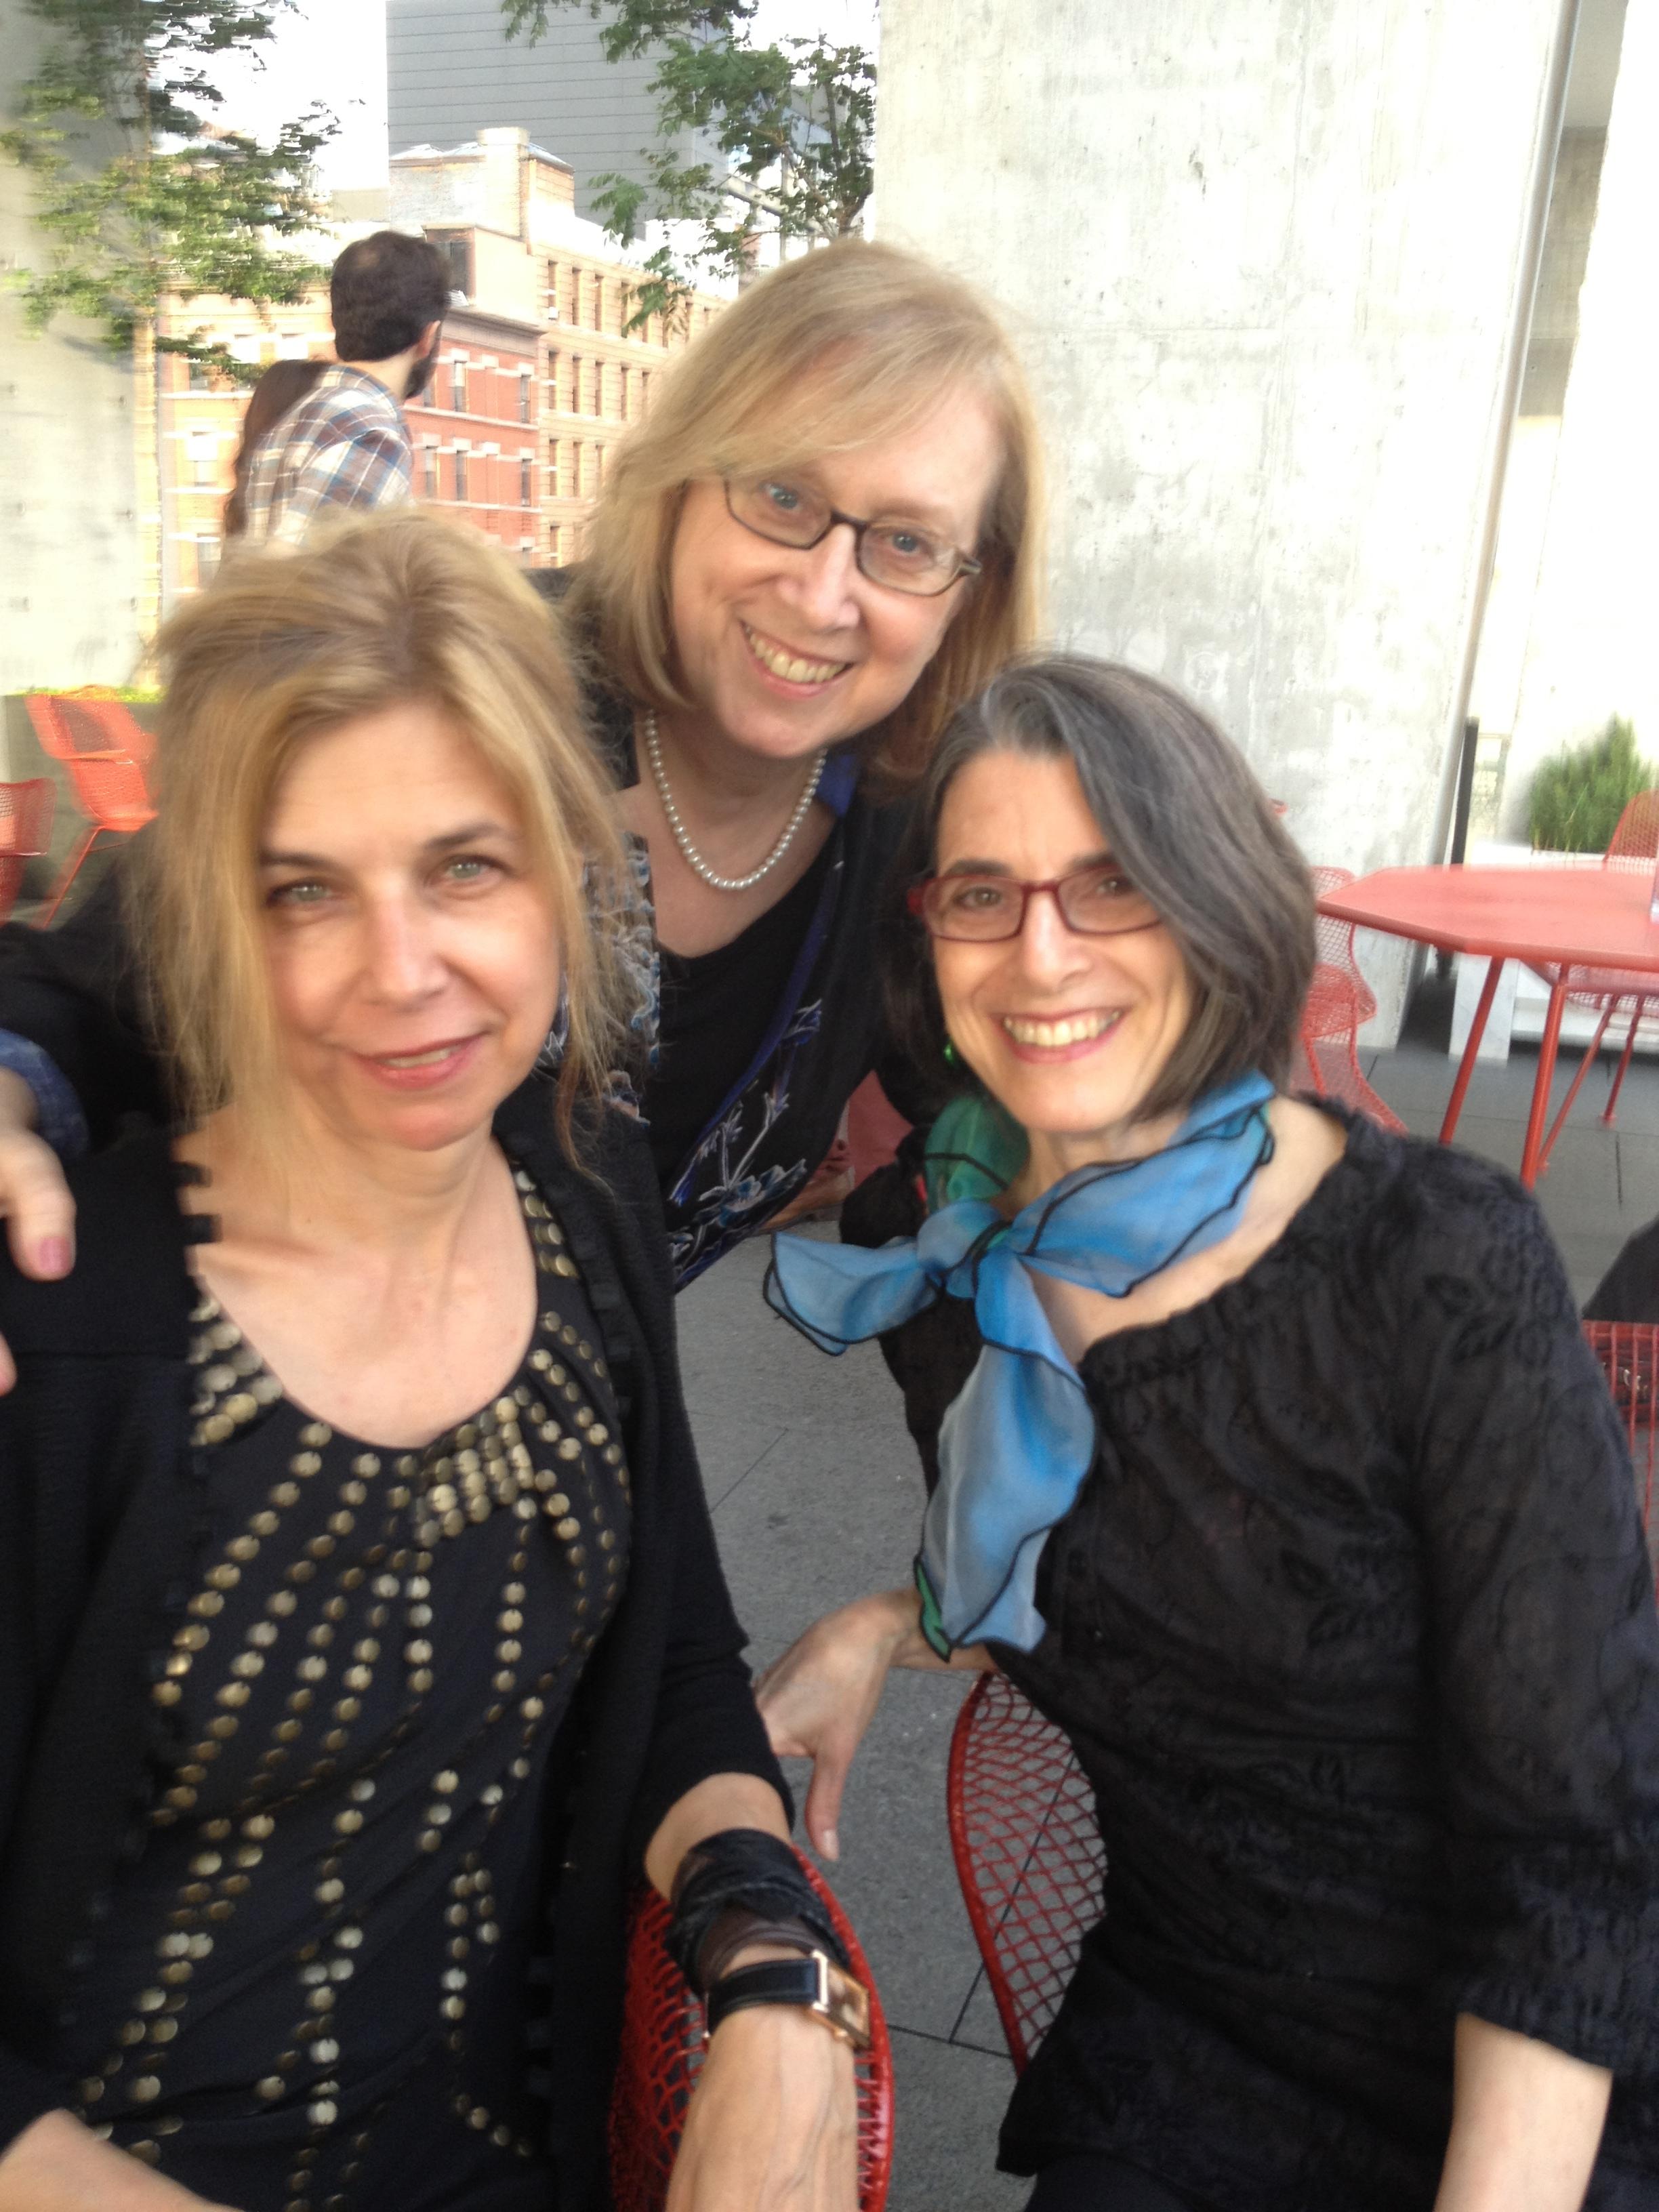 About — Roberta Friedman